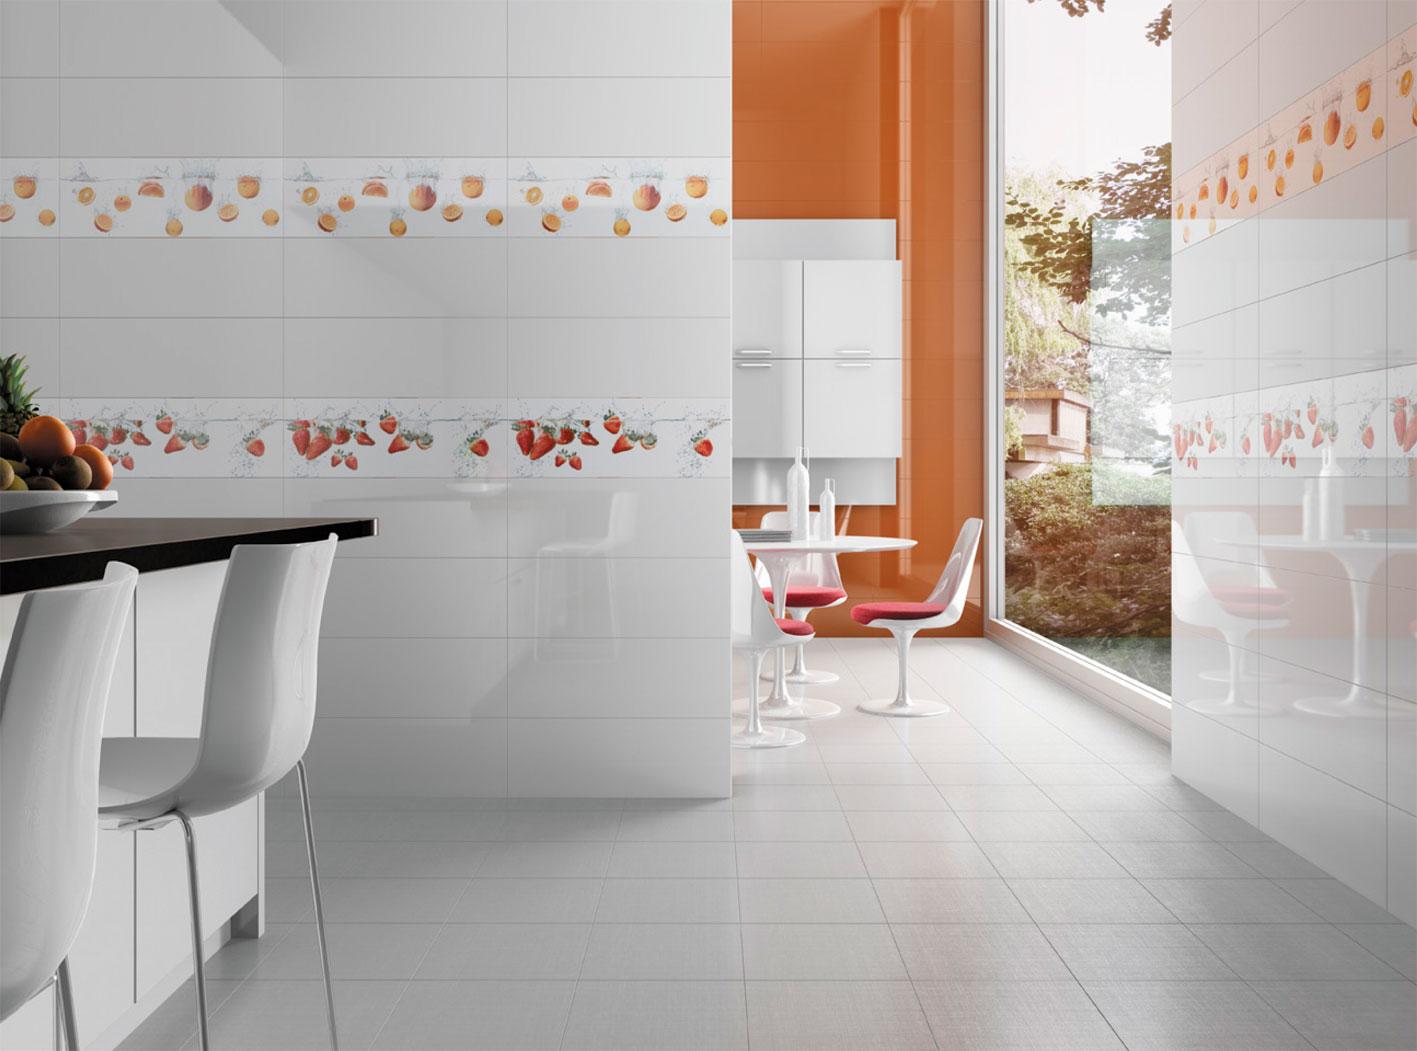 Керамическая плитка для кухни - необходимые характеристики